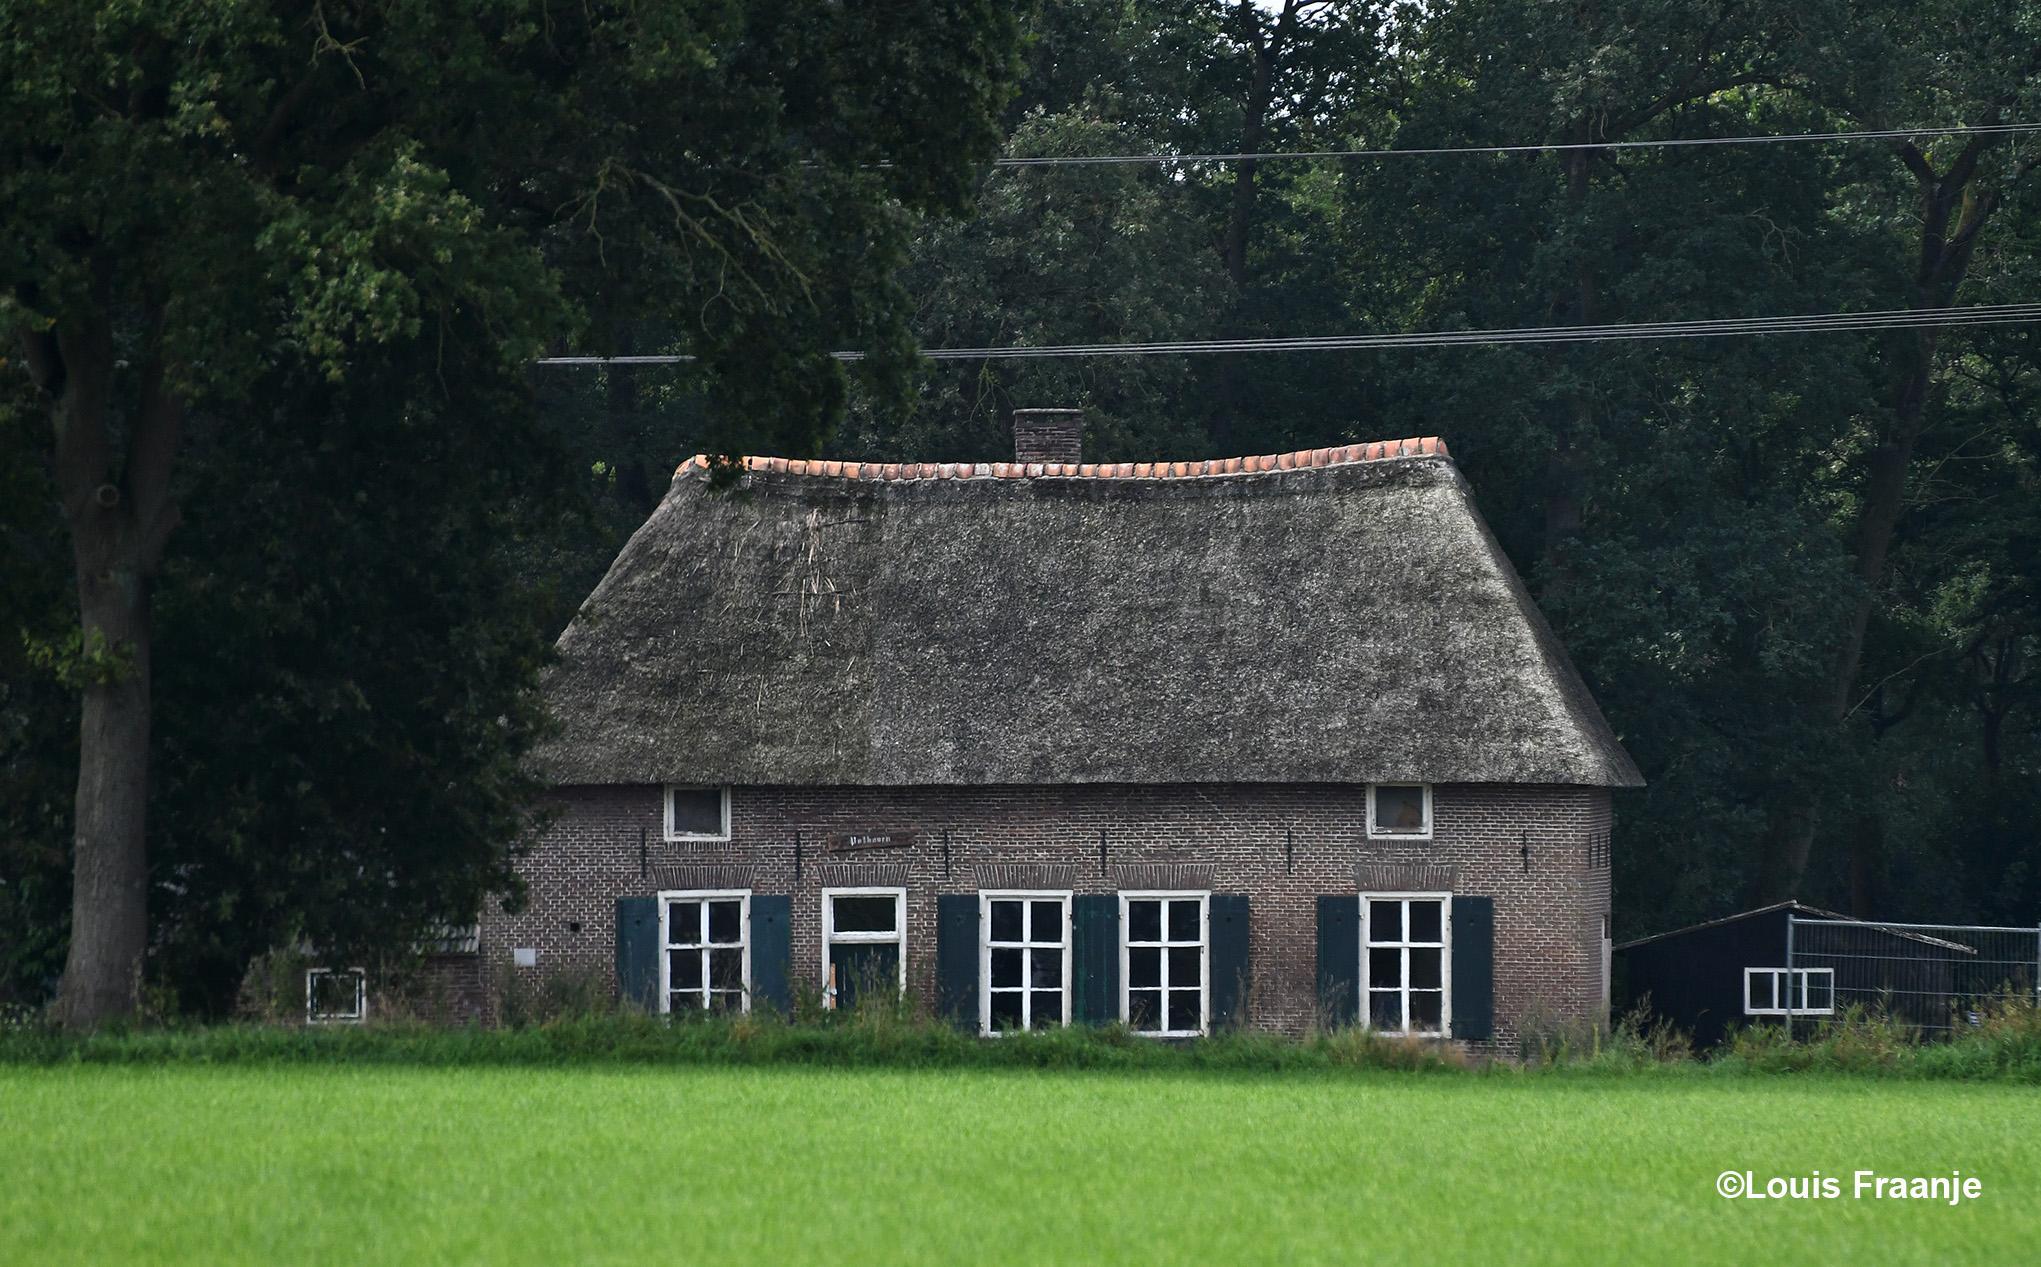 Toen we via Kernhem aan de rand van Ede kwamen en richting Doesburgermolen reden, zagen we links van ons aan de bosrand de oude boerderij Pothoven - Foto: ©Louis Fraanje